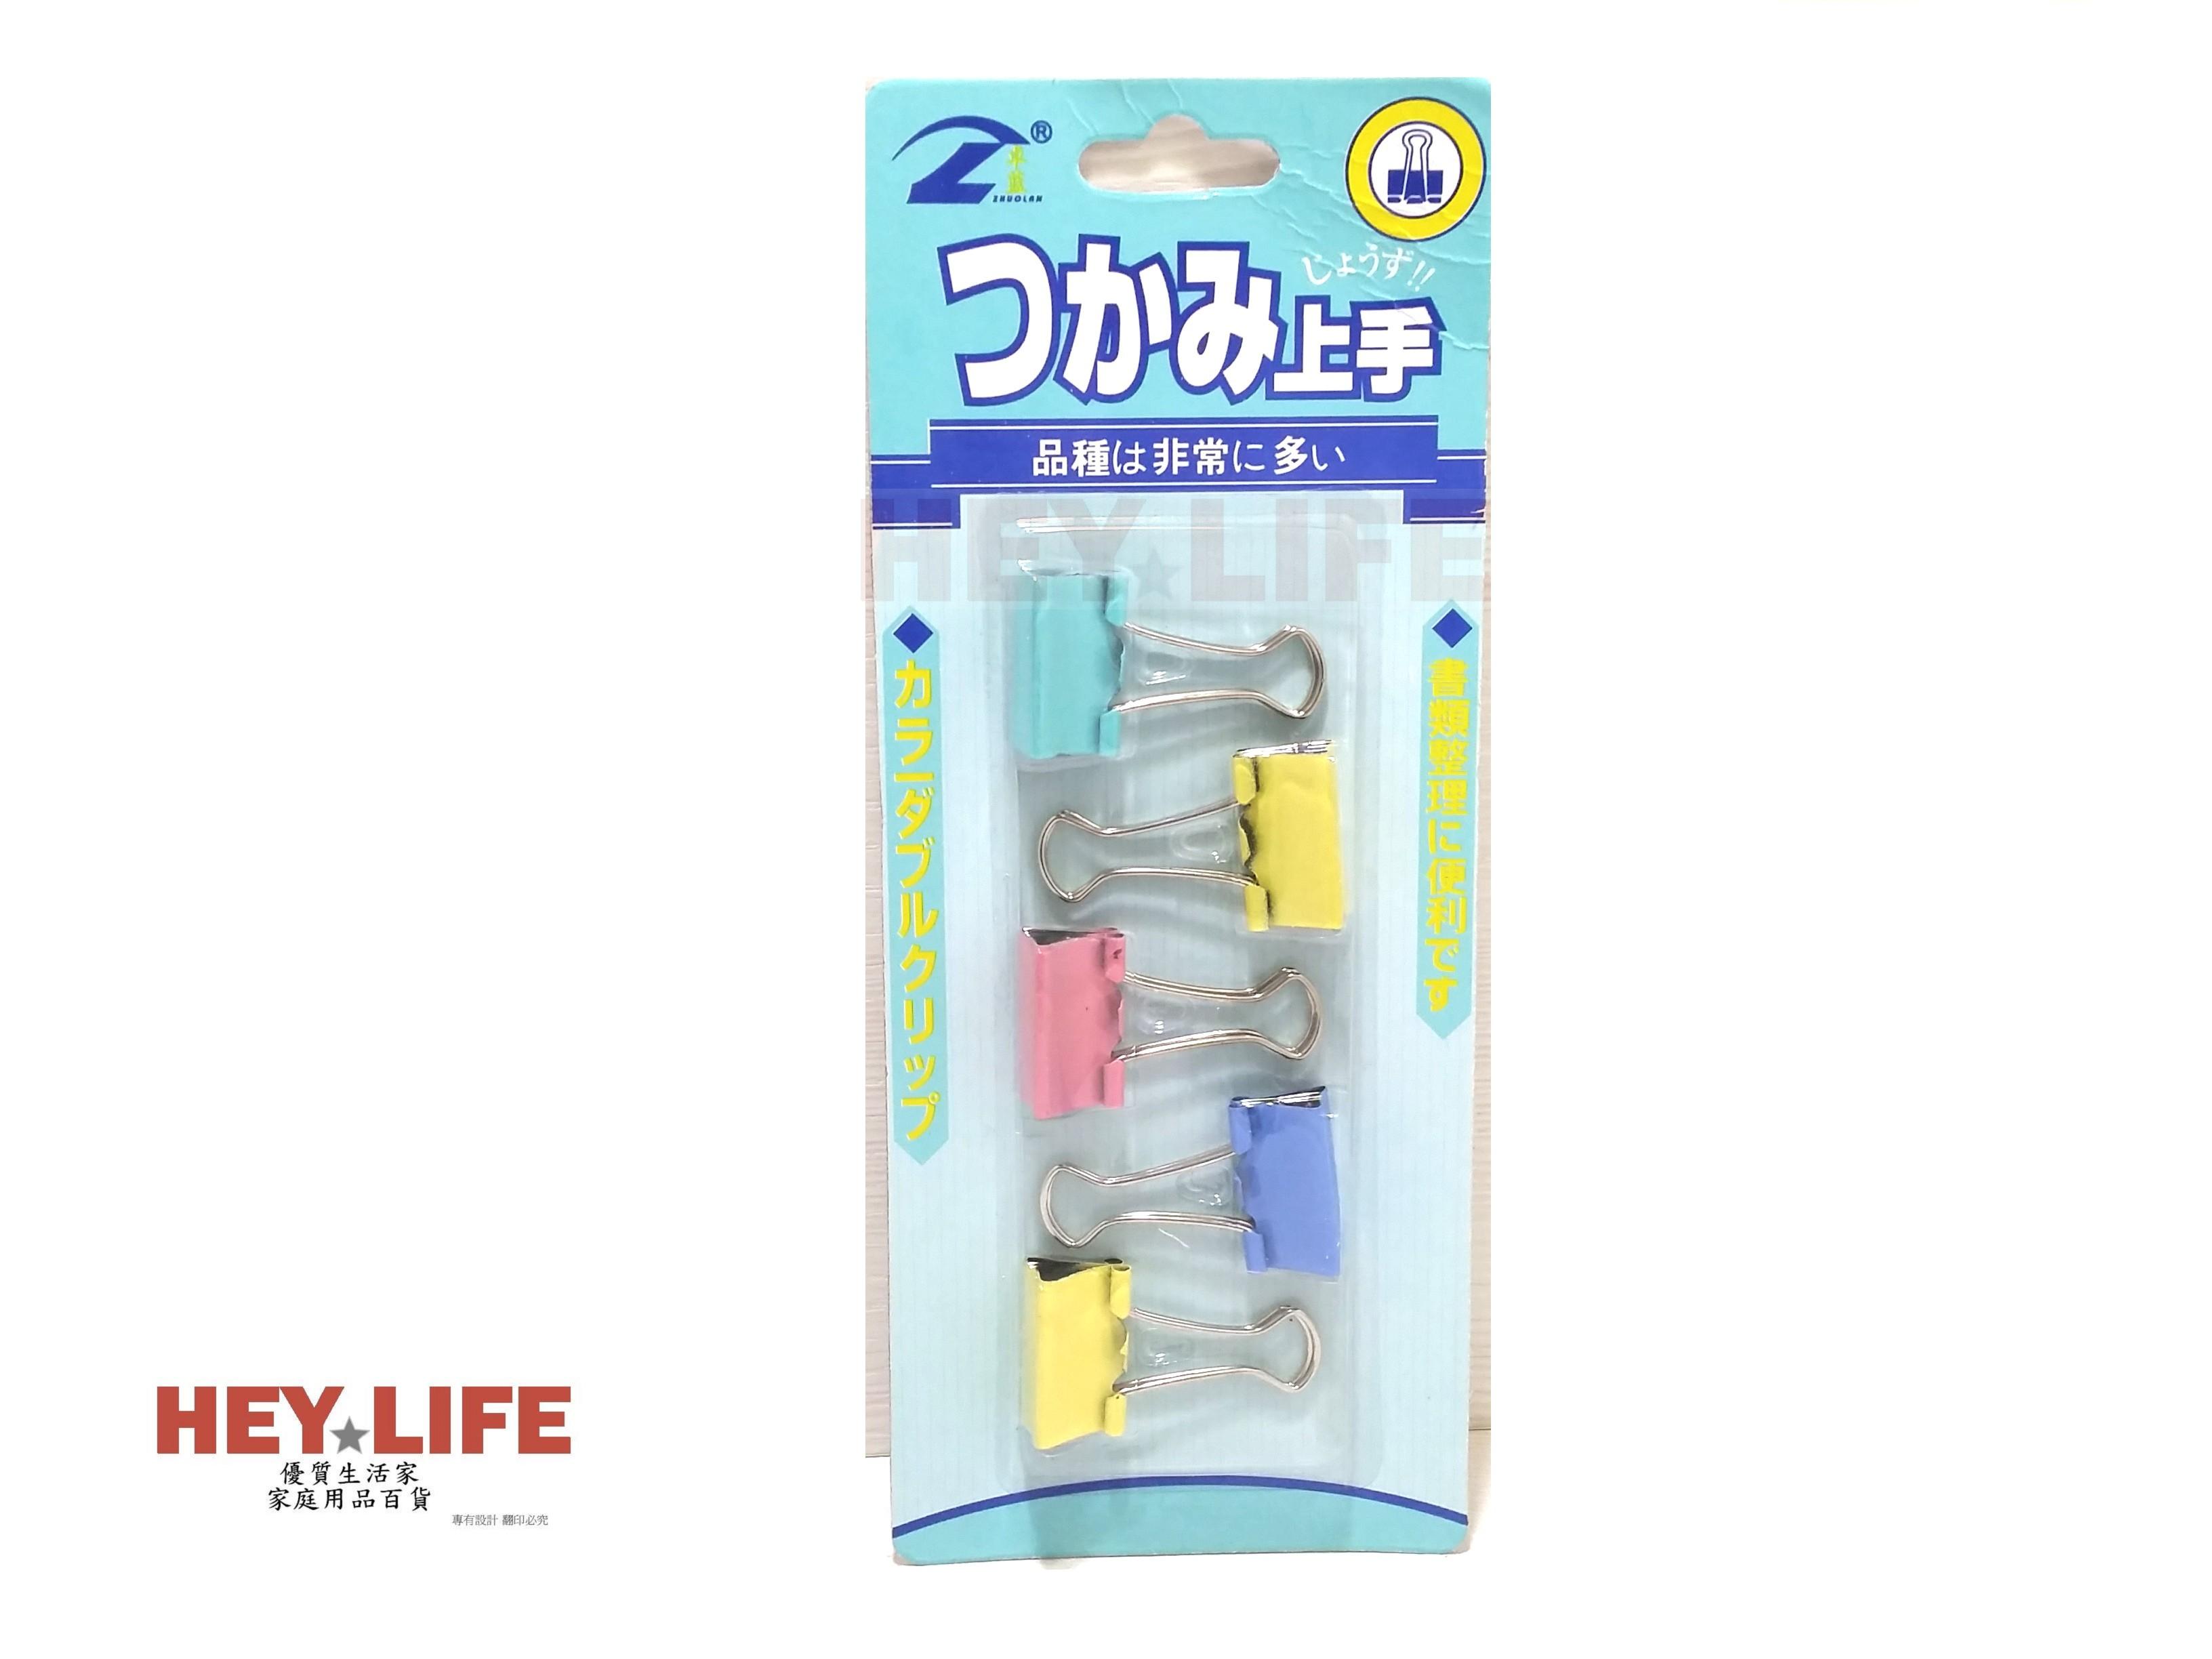 【HEYLIFE優質生活家】長尾夾(彩色)5入 文具夾 夾 優質嚴選 品質保證